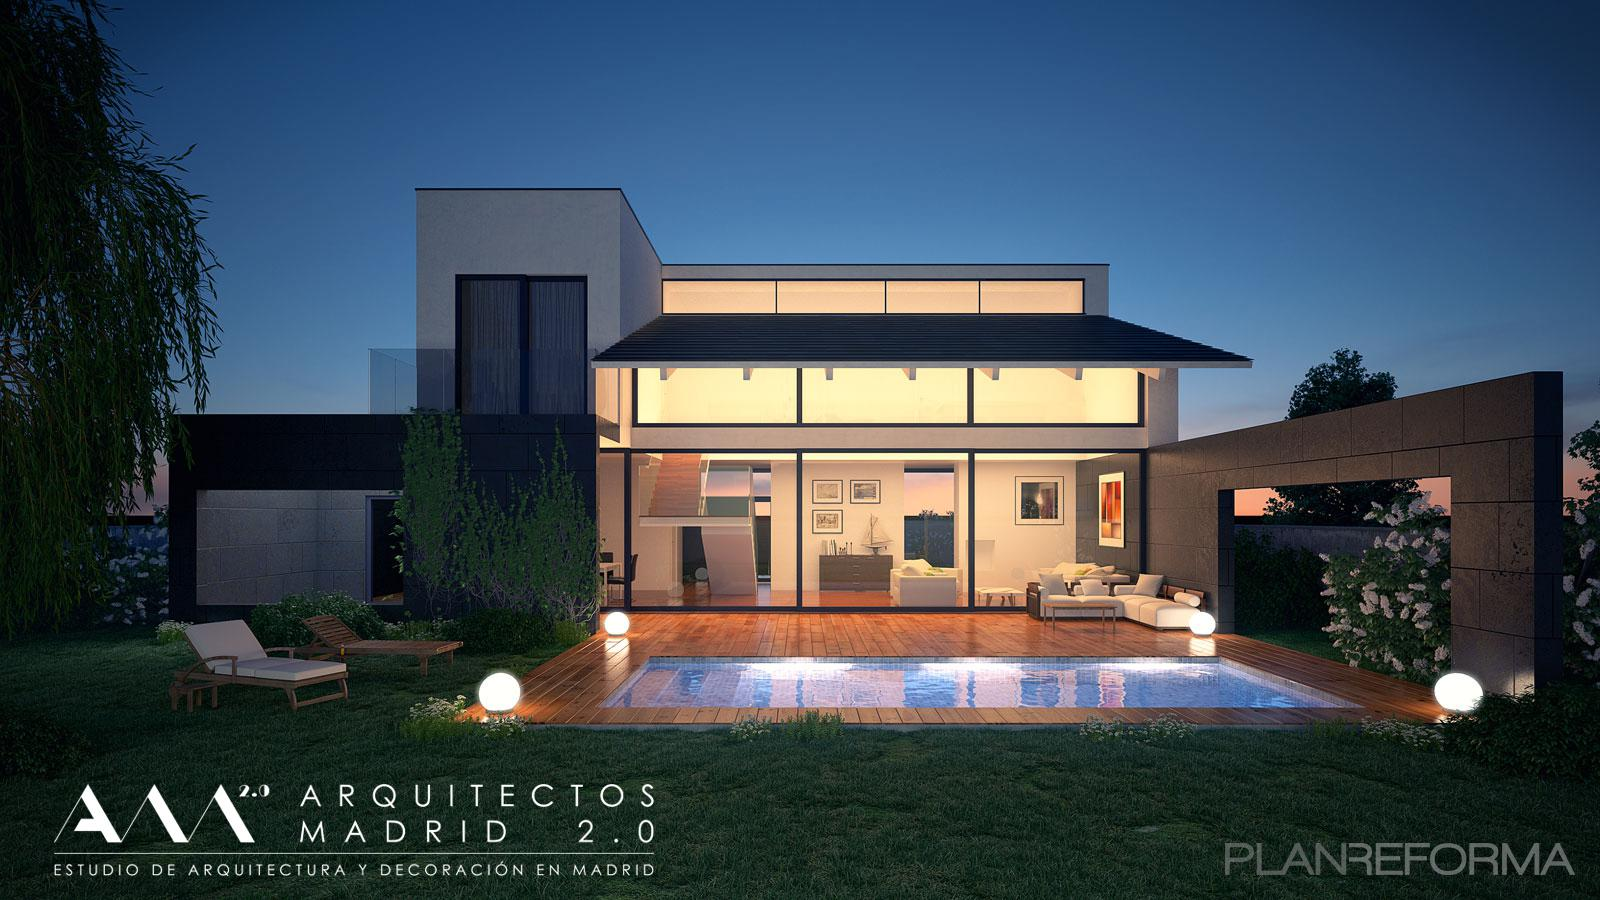 Piscina porche jardin style moderno color marron blanco gris - Listado arquitectos madrid ...